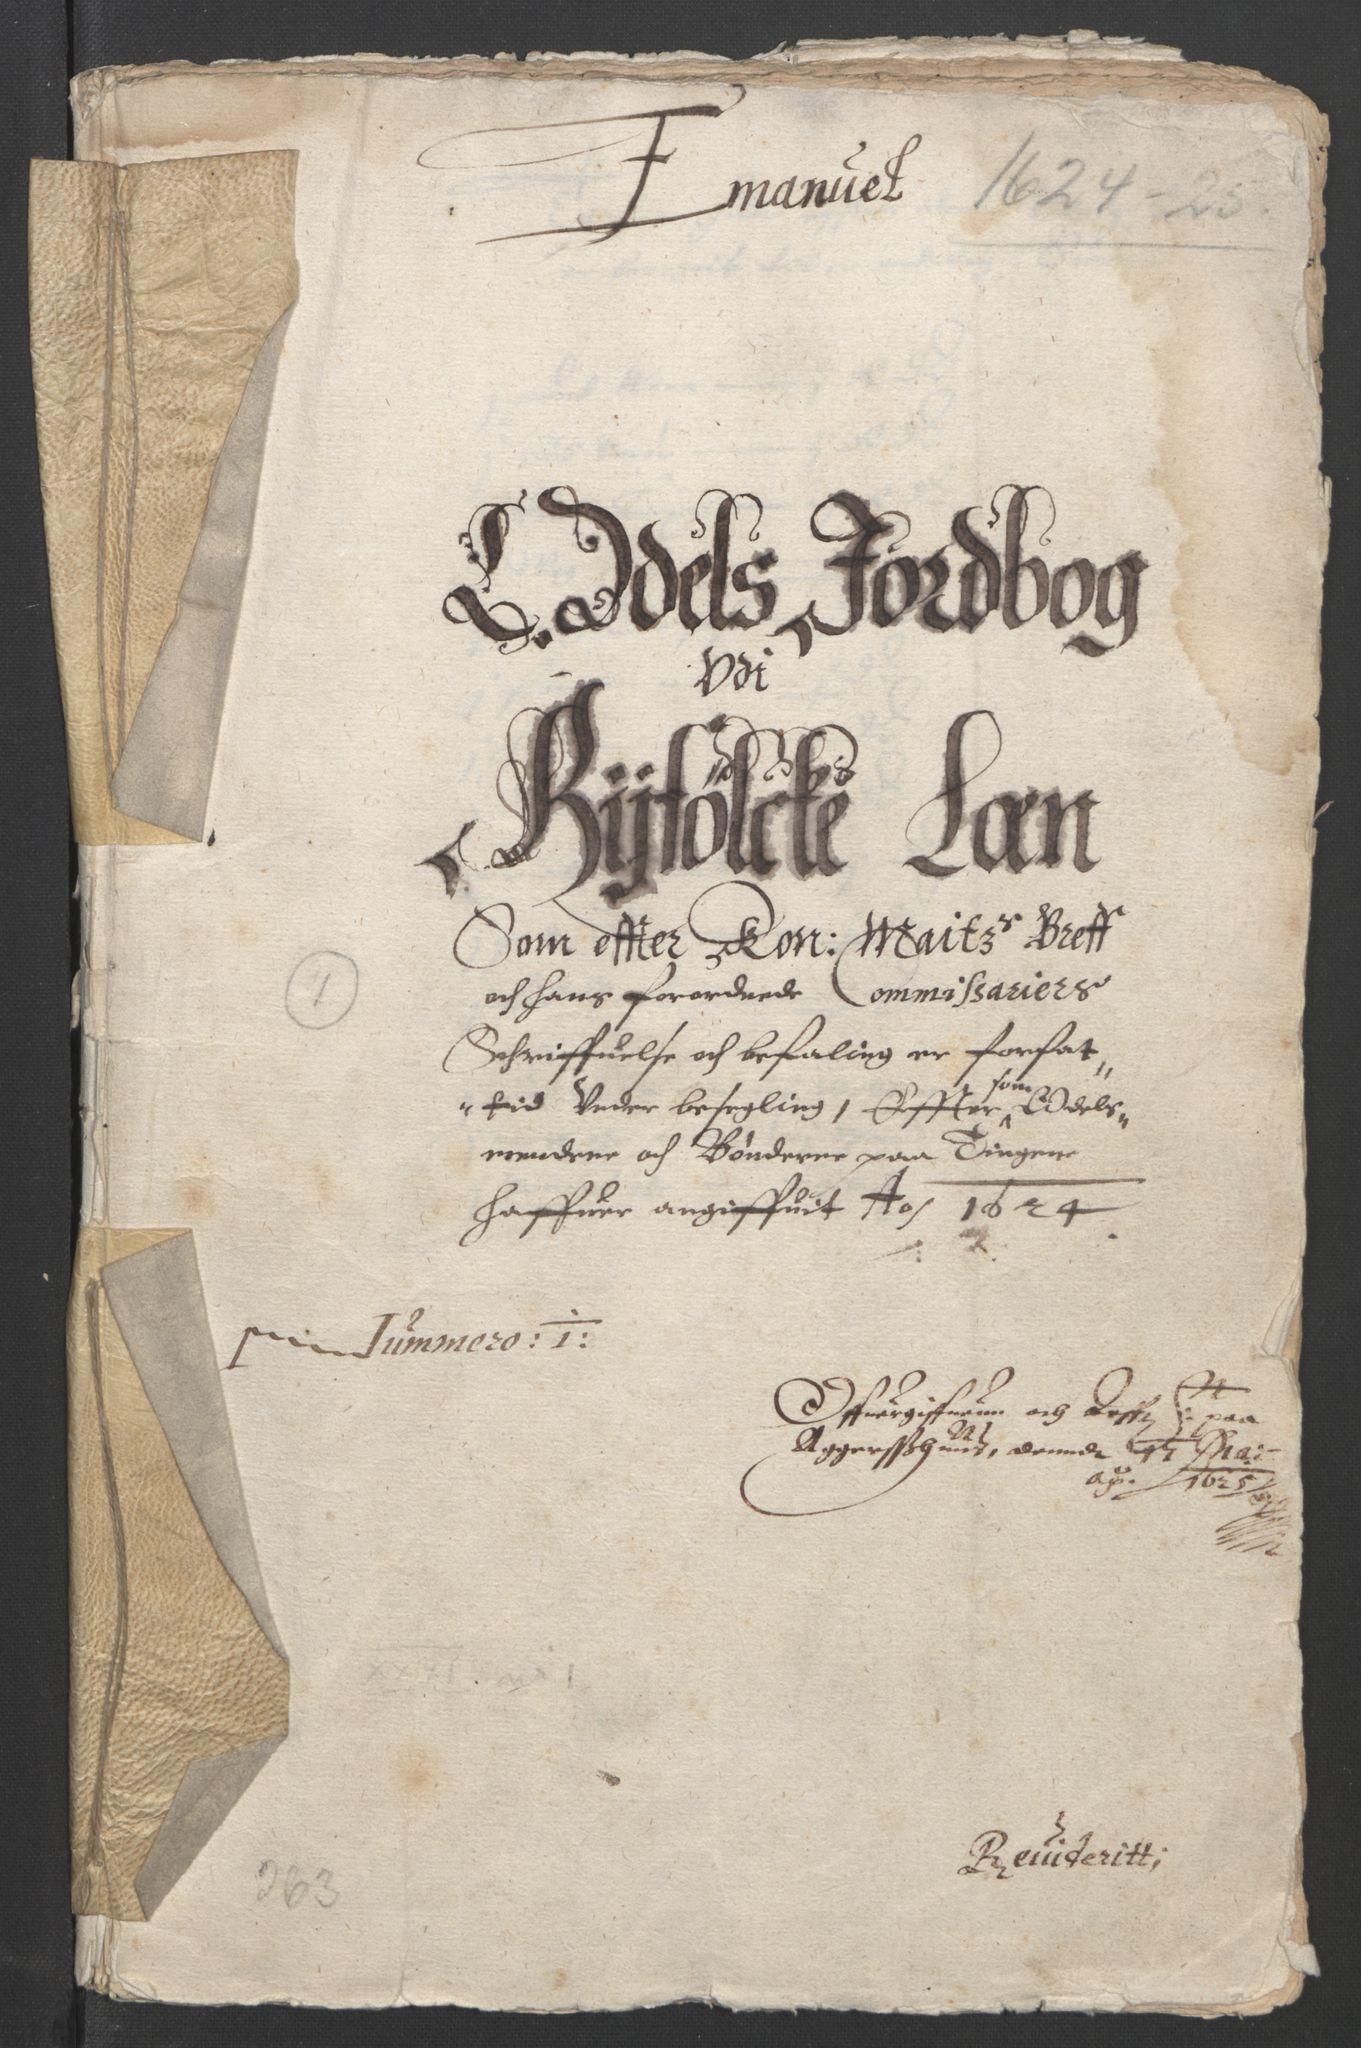 RA, Stattholderembetet 1572-1771, Ek/L0010: Jordebøker til utlikning av rosstjeneste 1624-1626:, 1624-1626, s. 3